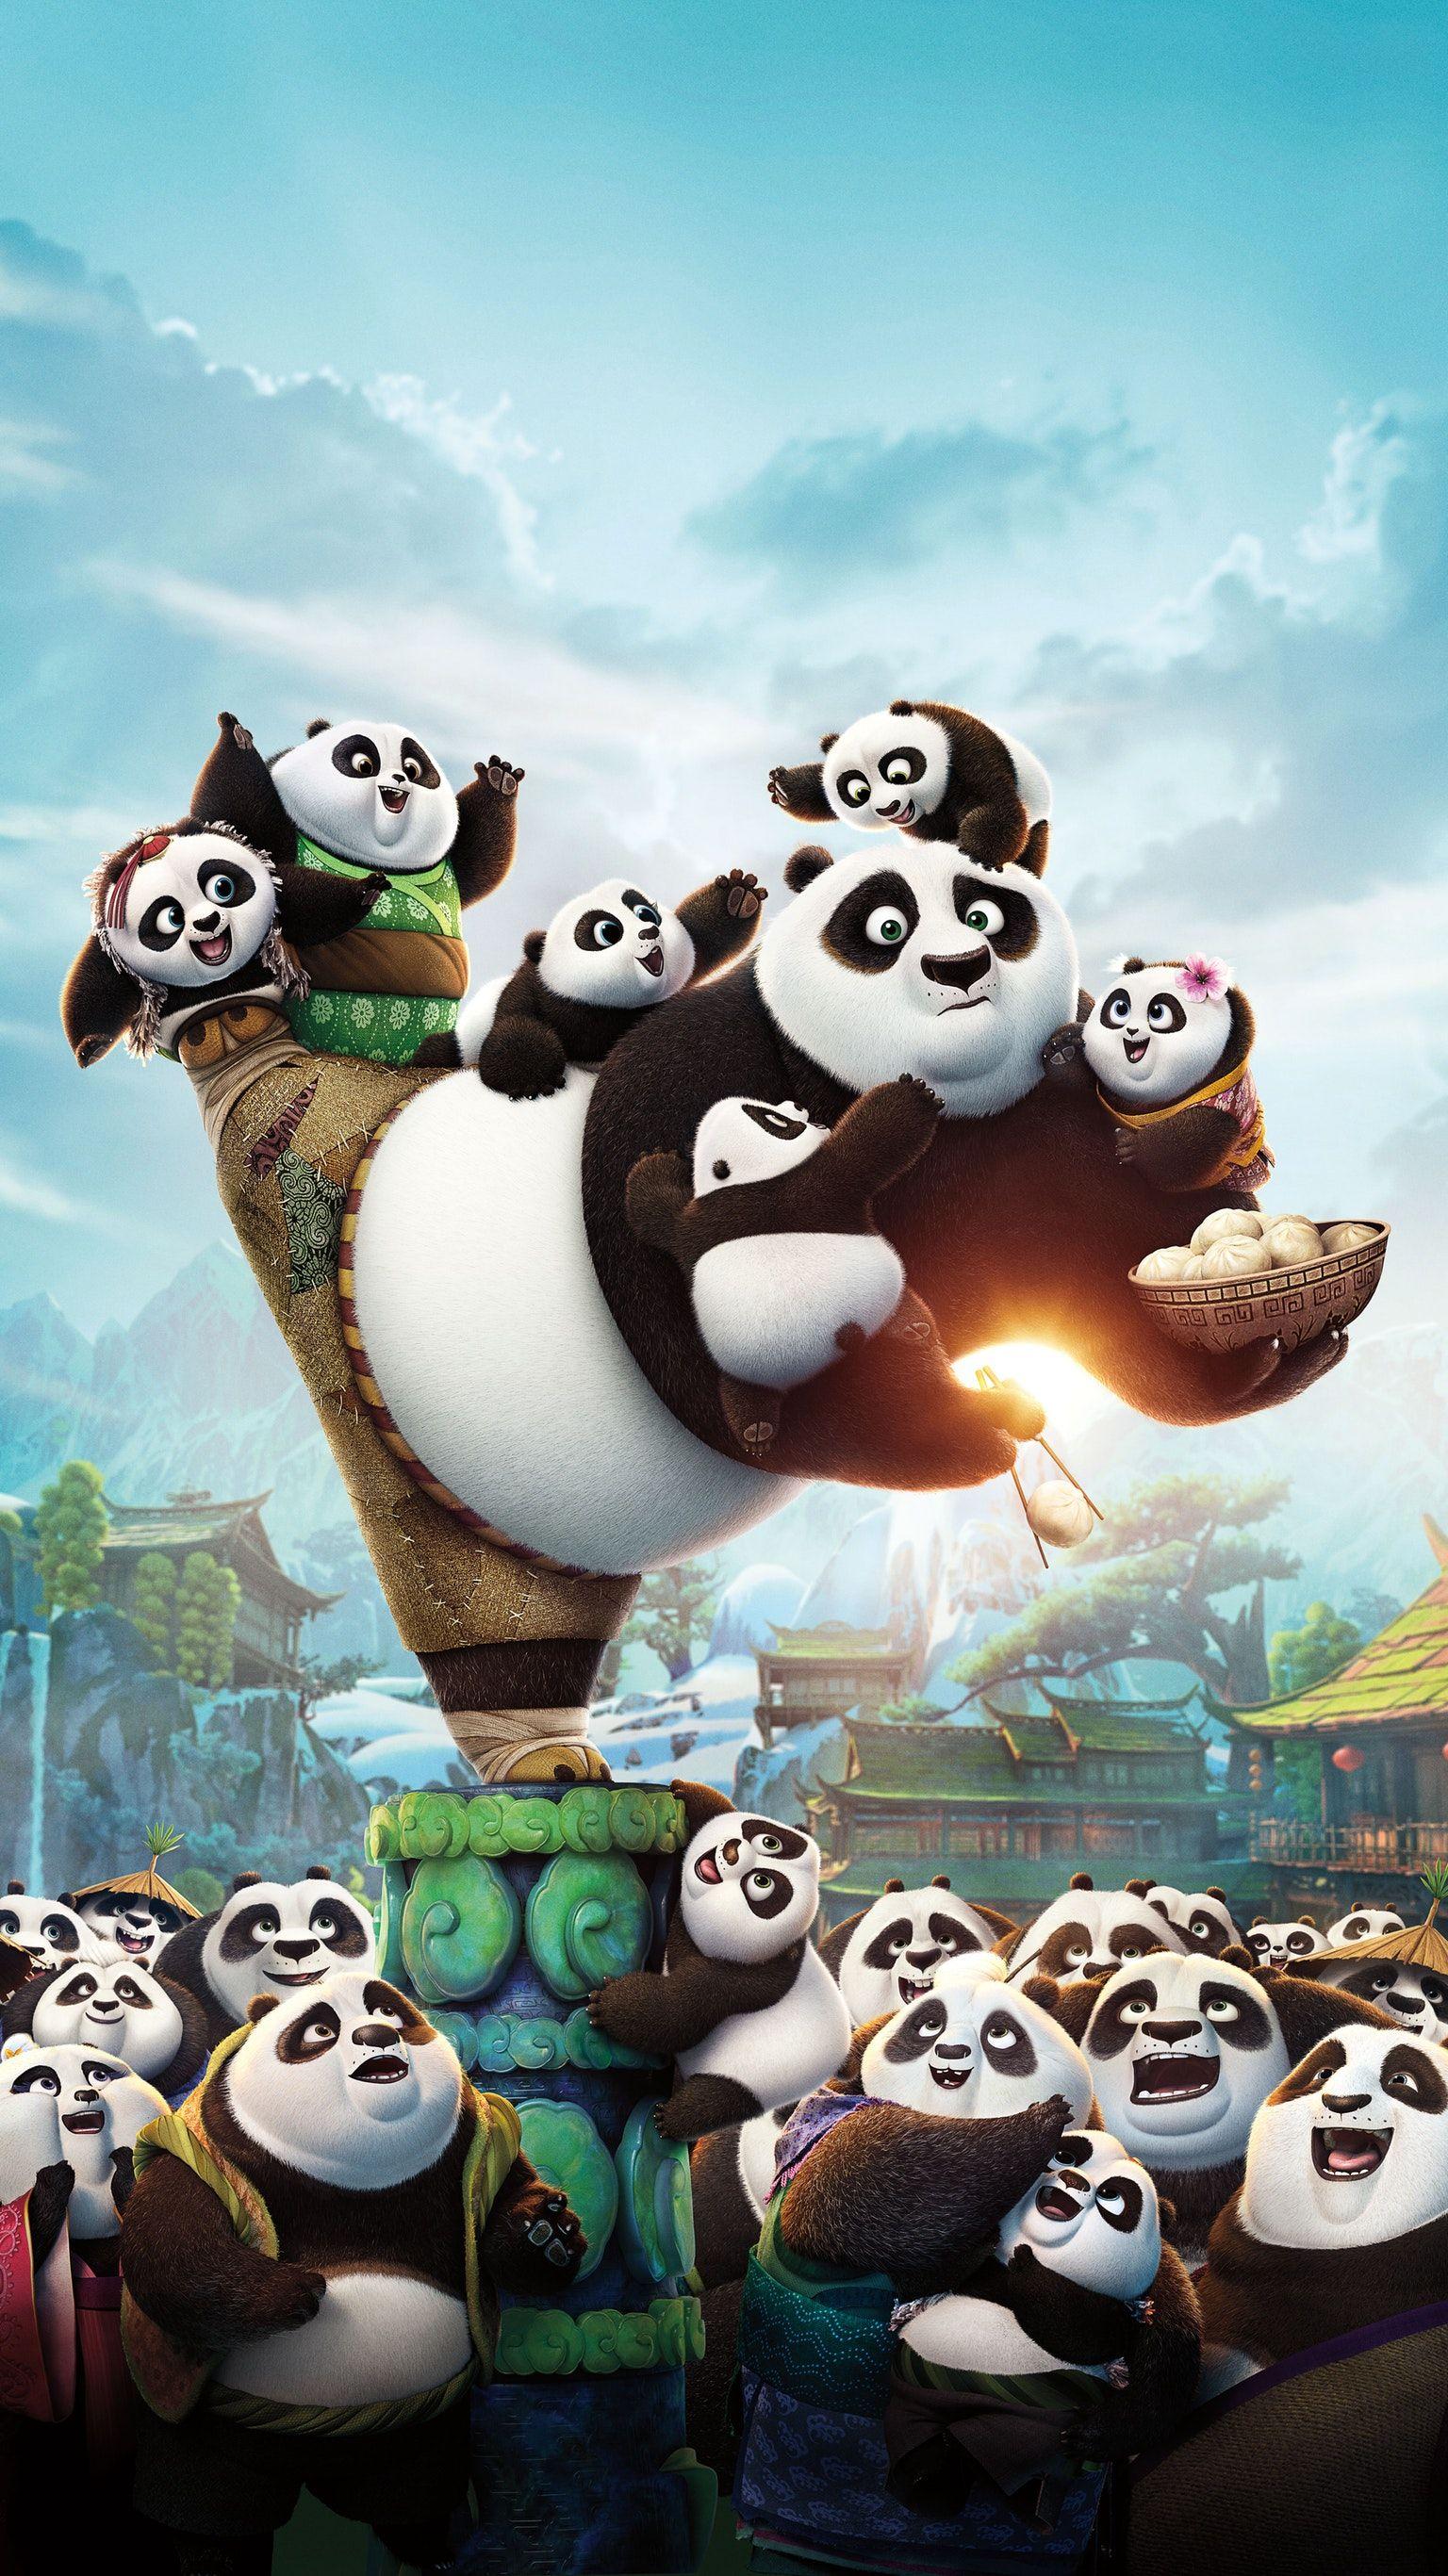 Kung Fu Panda 3 Phone Wallpaper In